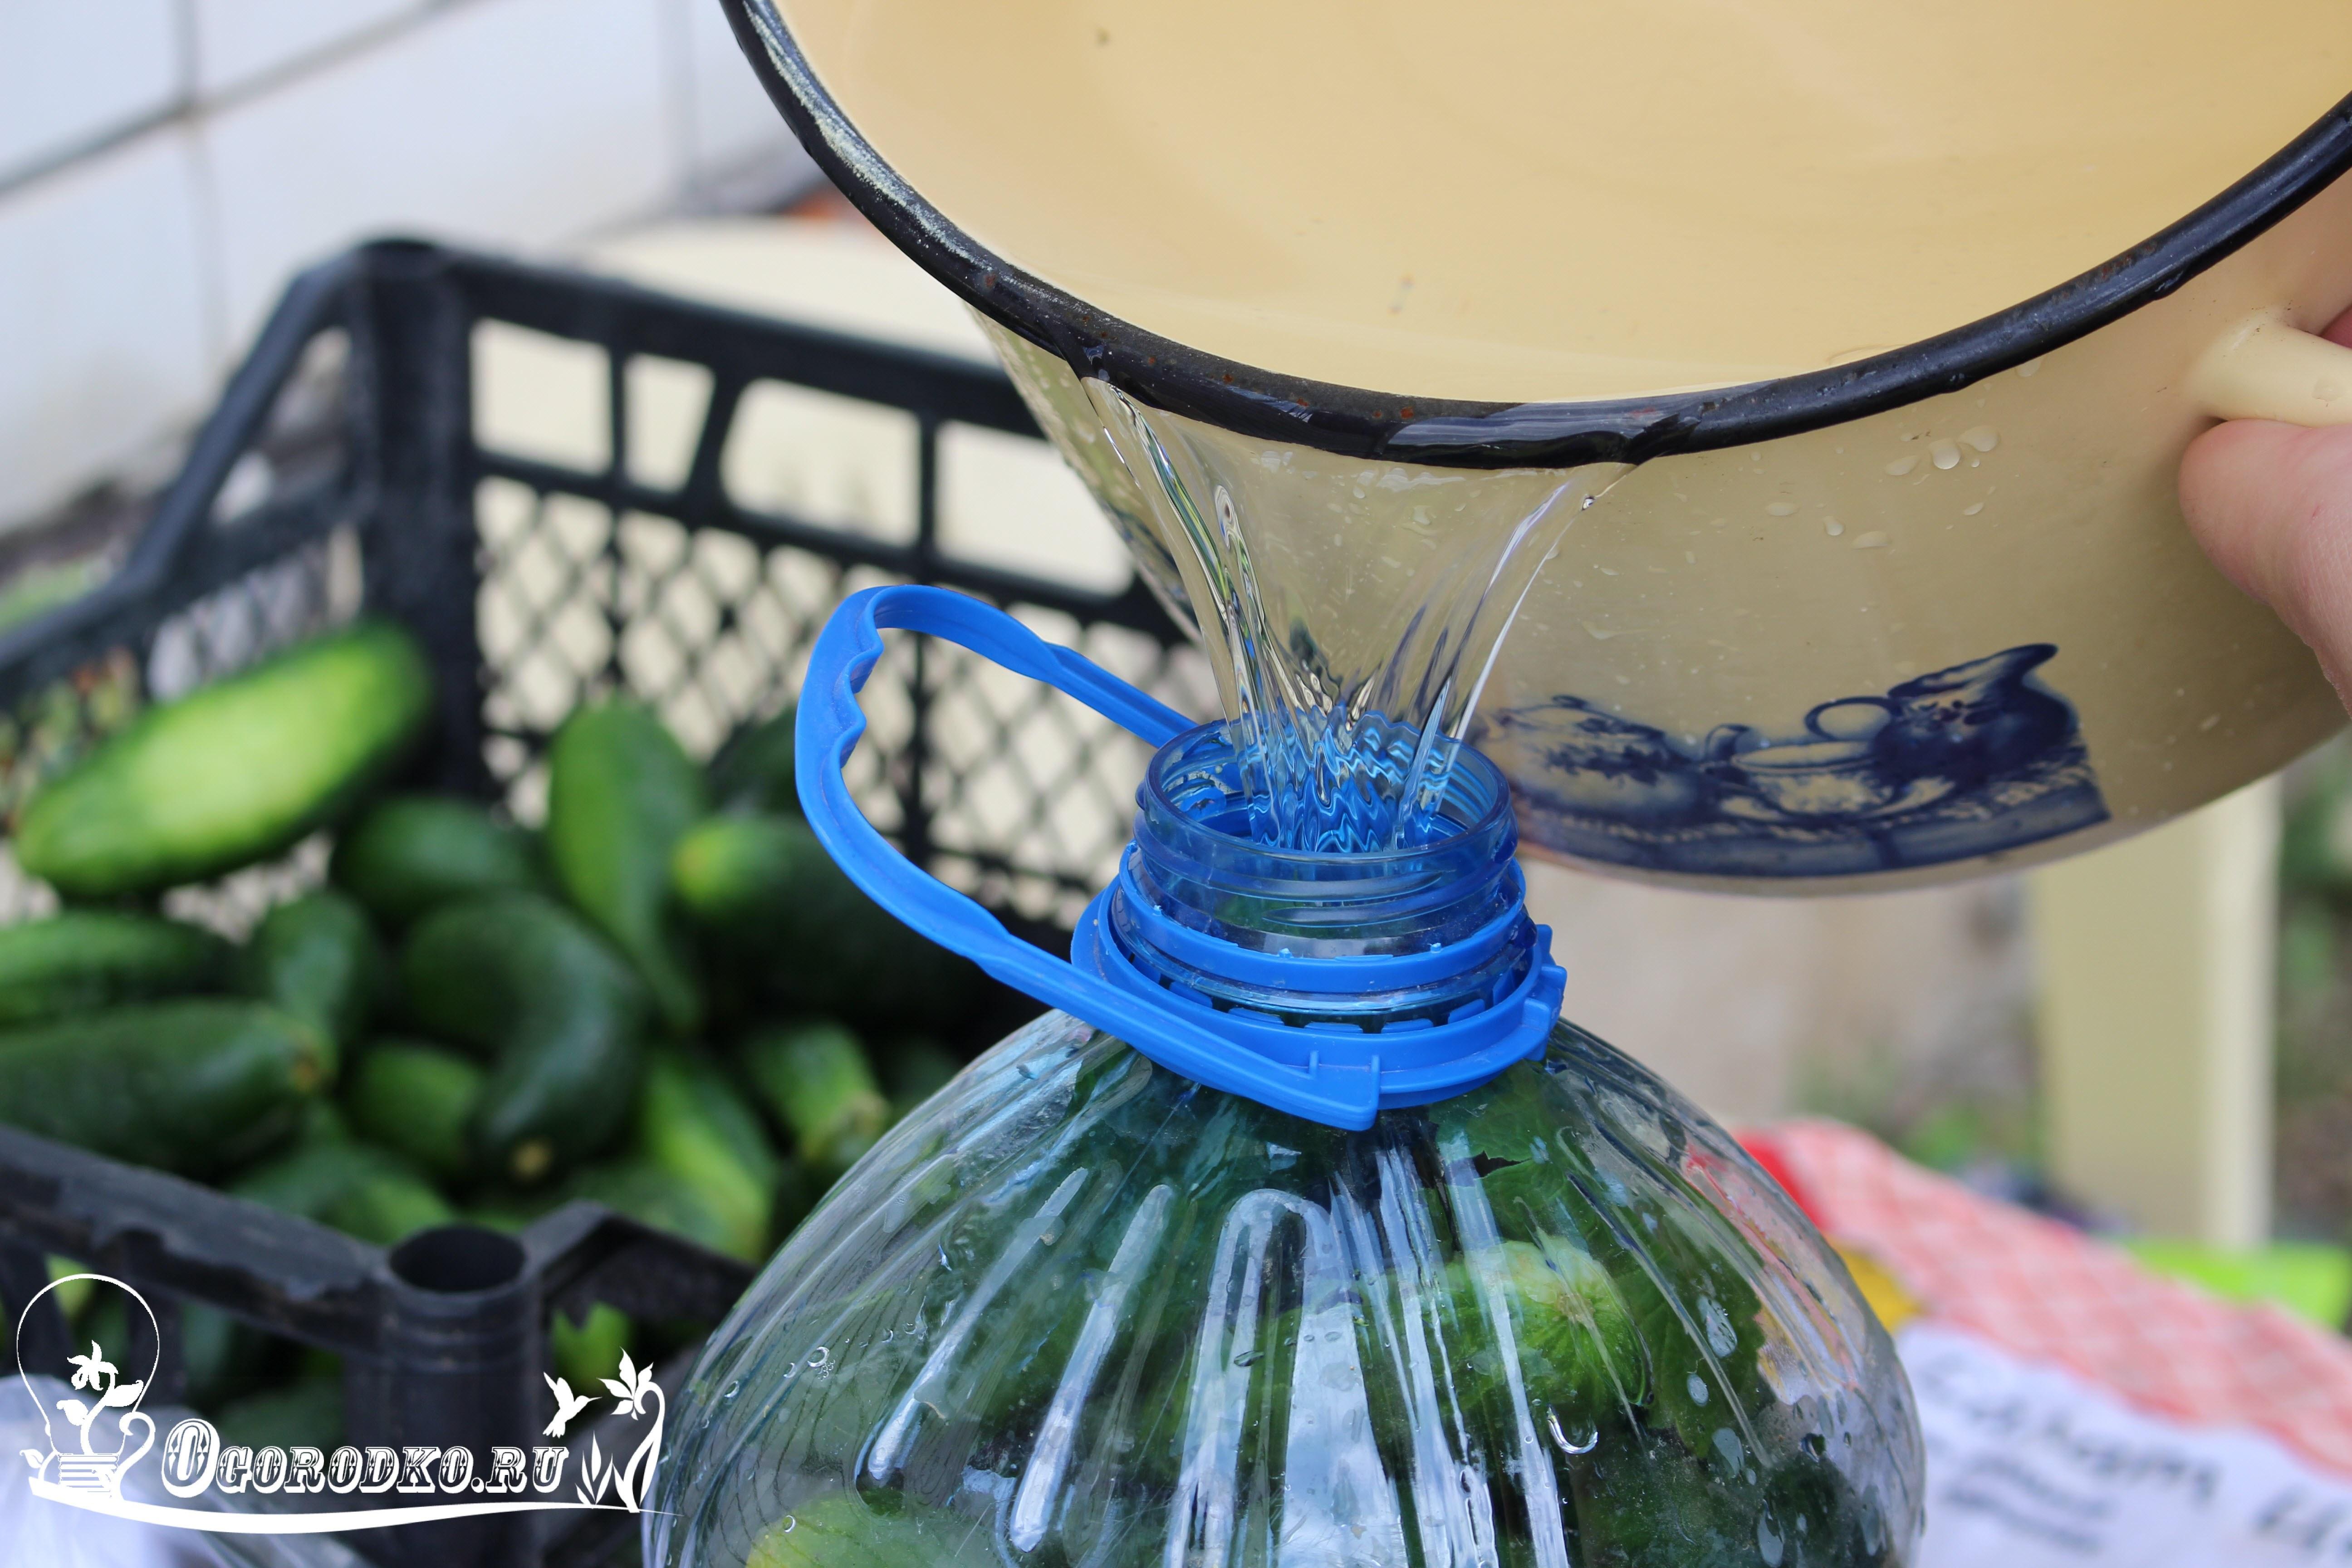 заливаем бутылки рассолом